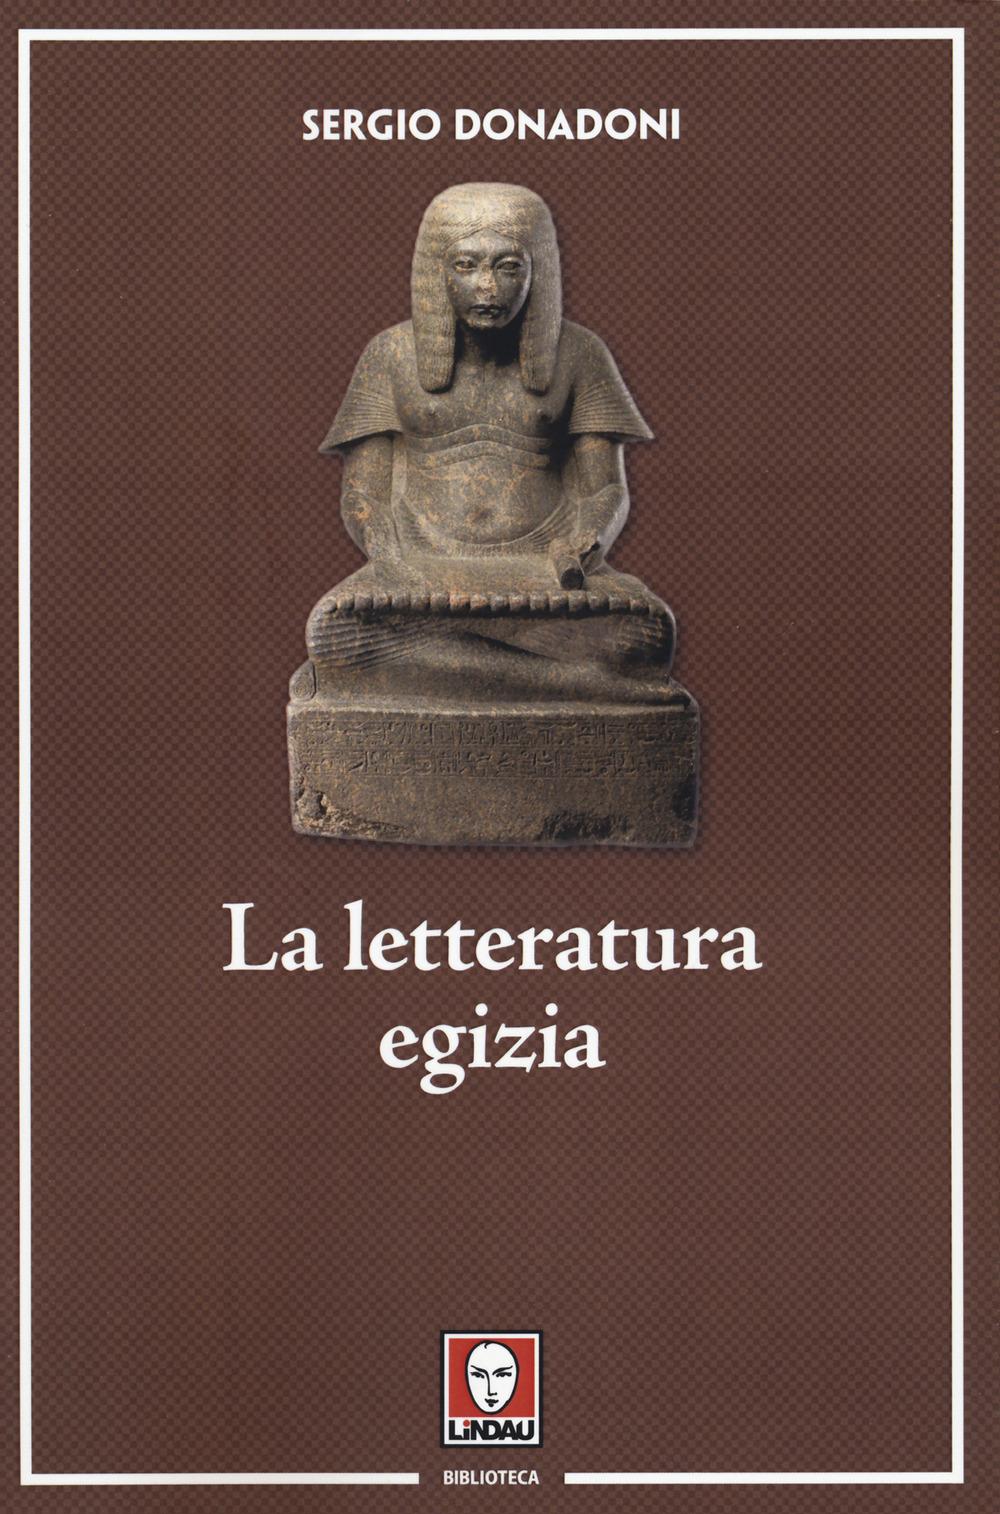 LETTERATURA EGIZIA (LA) - Donadoni Sergio - 9788833532776